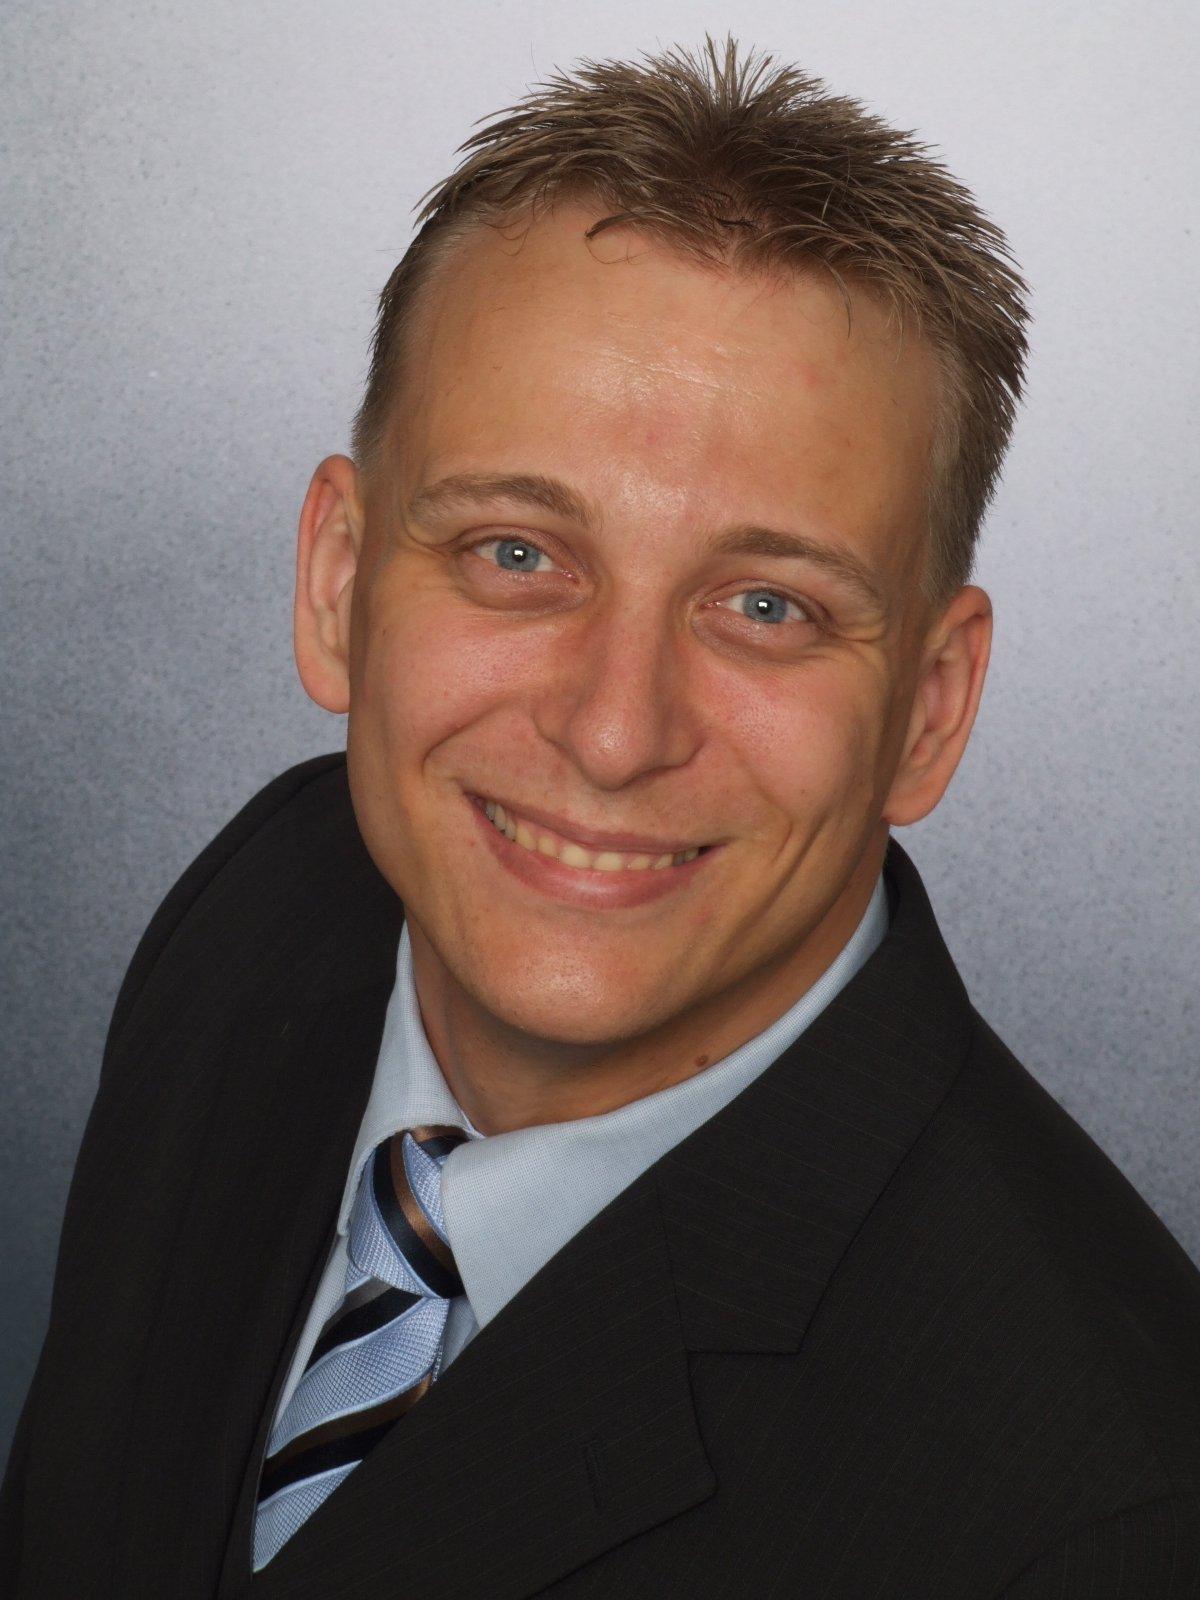 Andreas Reinkensmeier